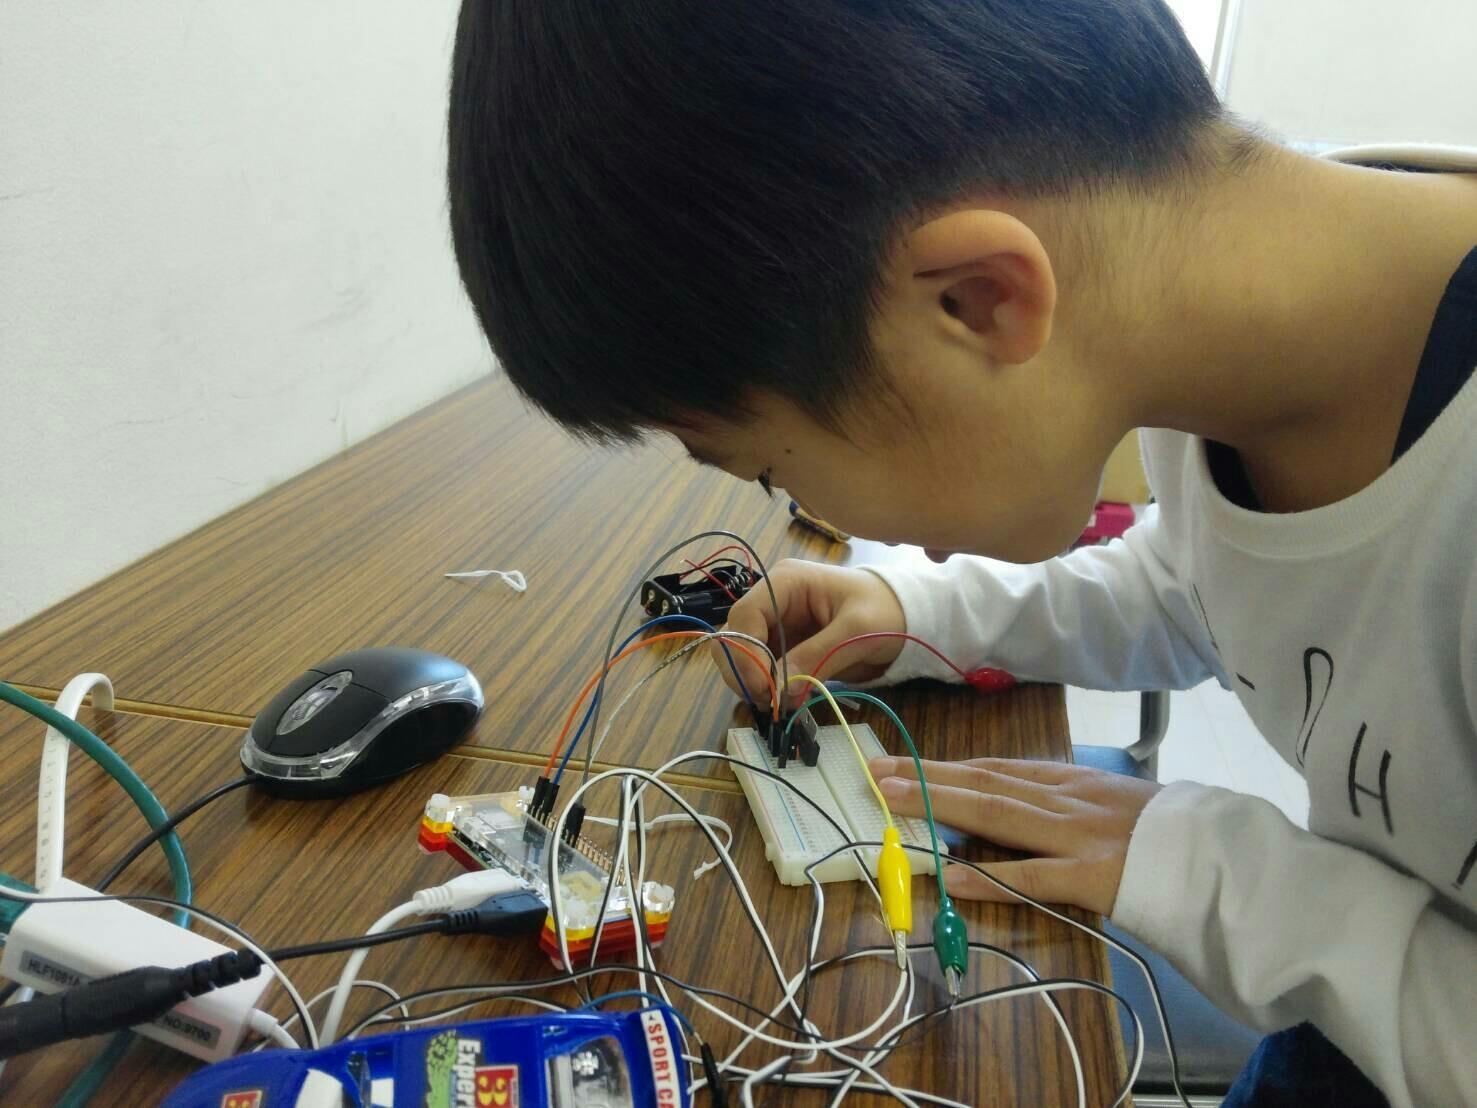 プログラミング的思考,小学生,習い事,福島区,此花区,ラズベリーパイゼロ